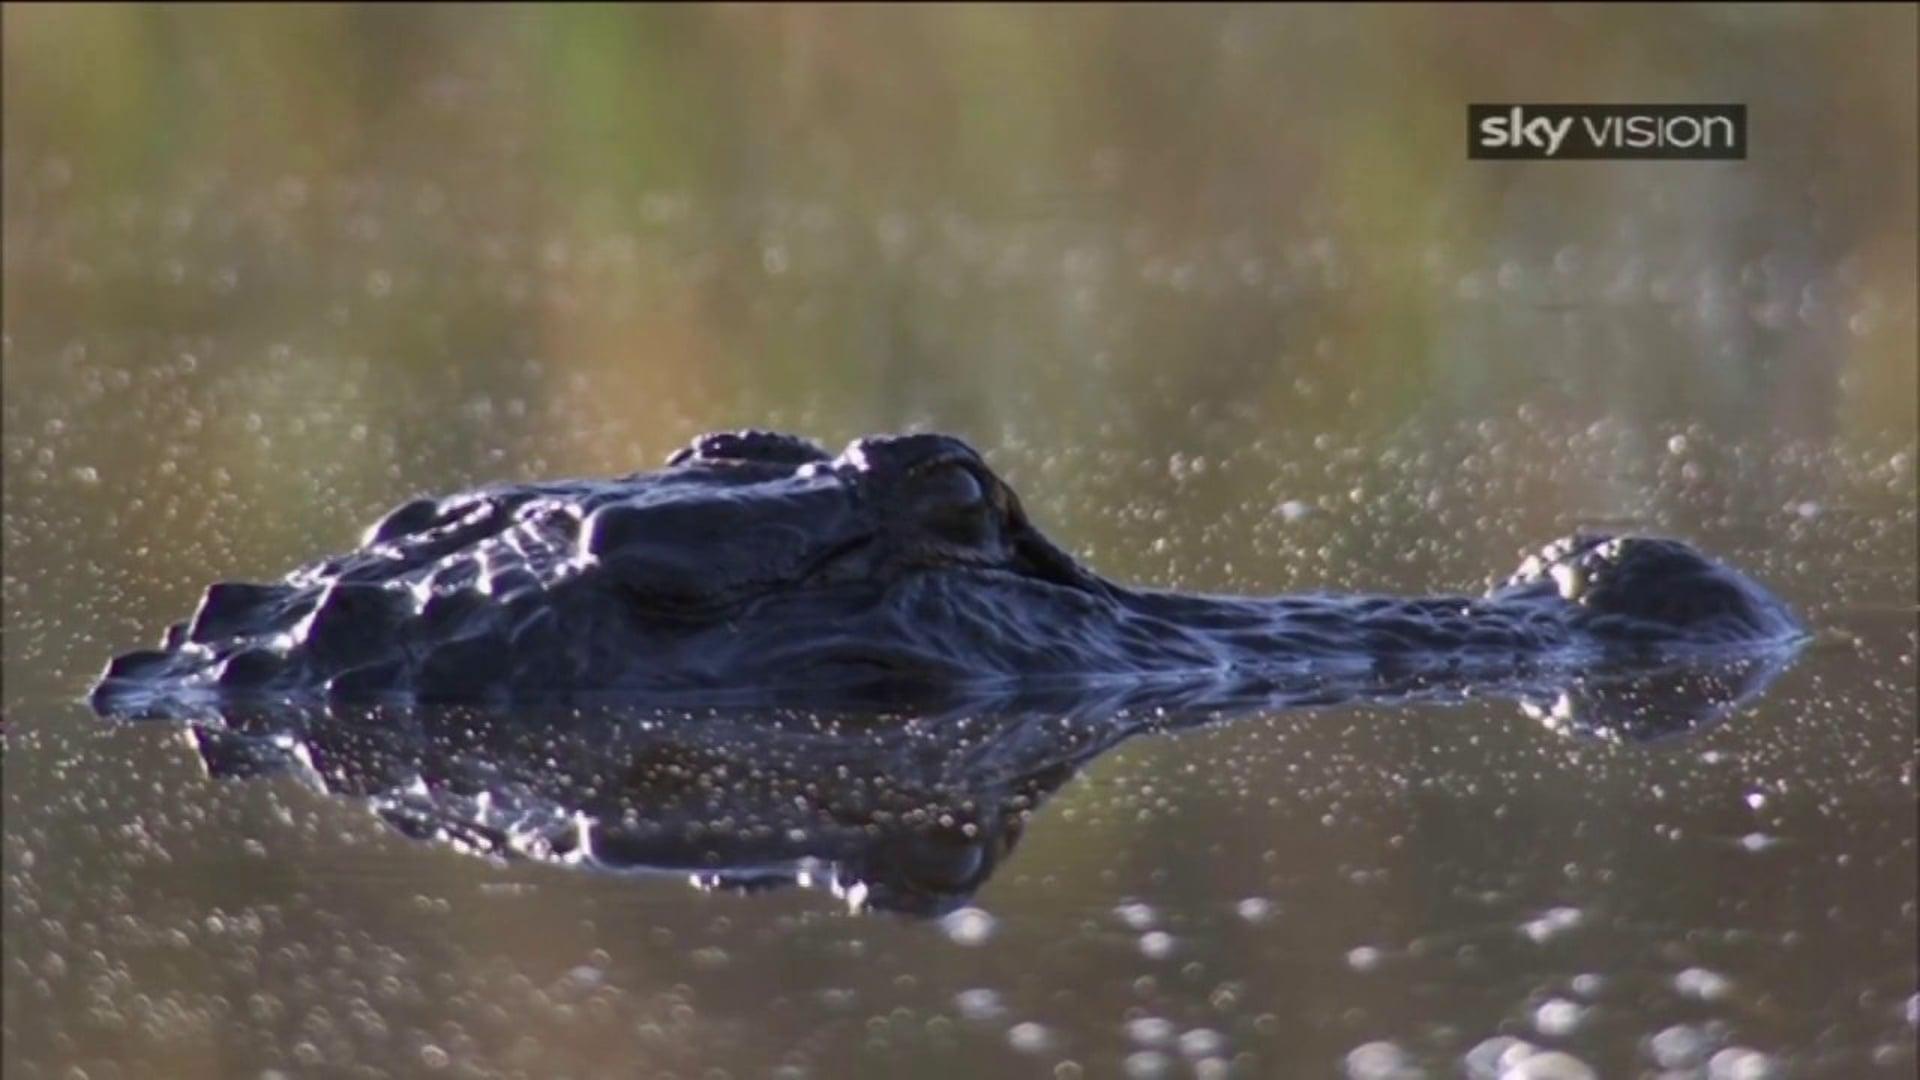 Swamplands - Cajun Country: Alligators